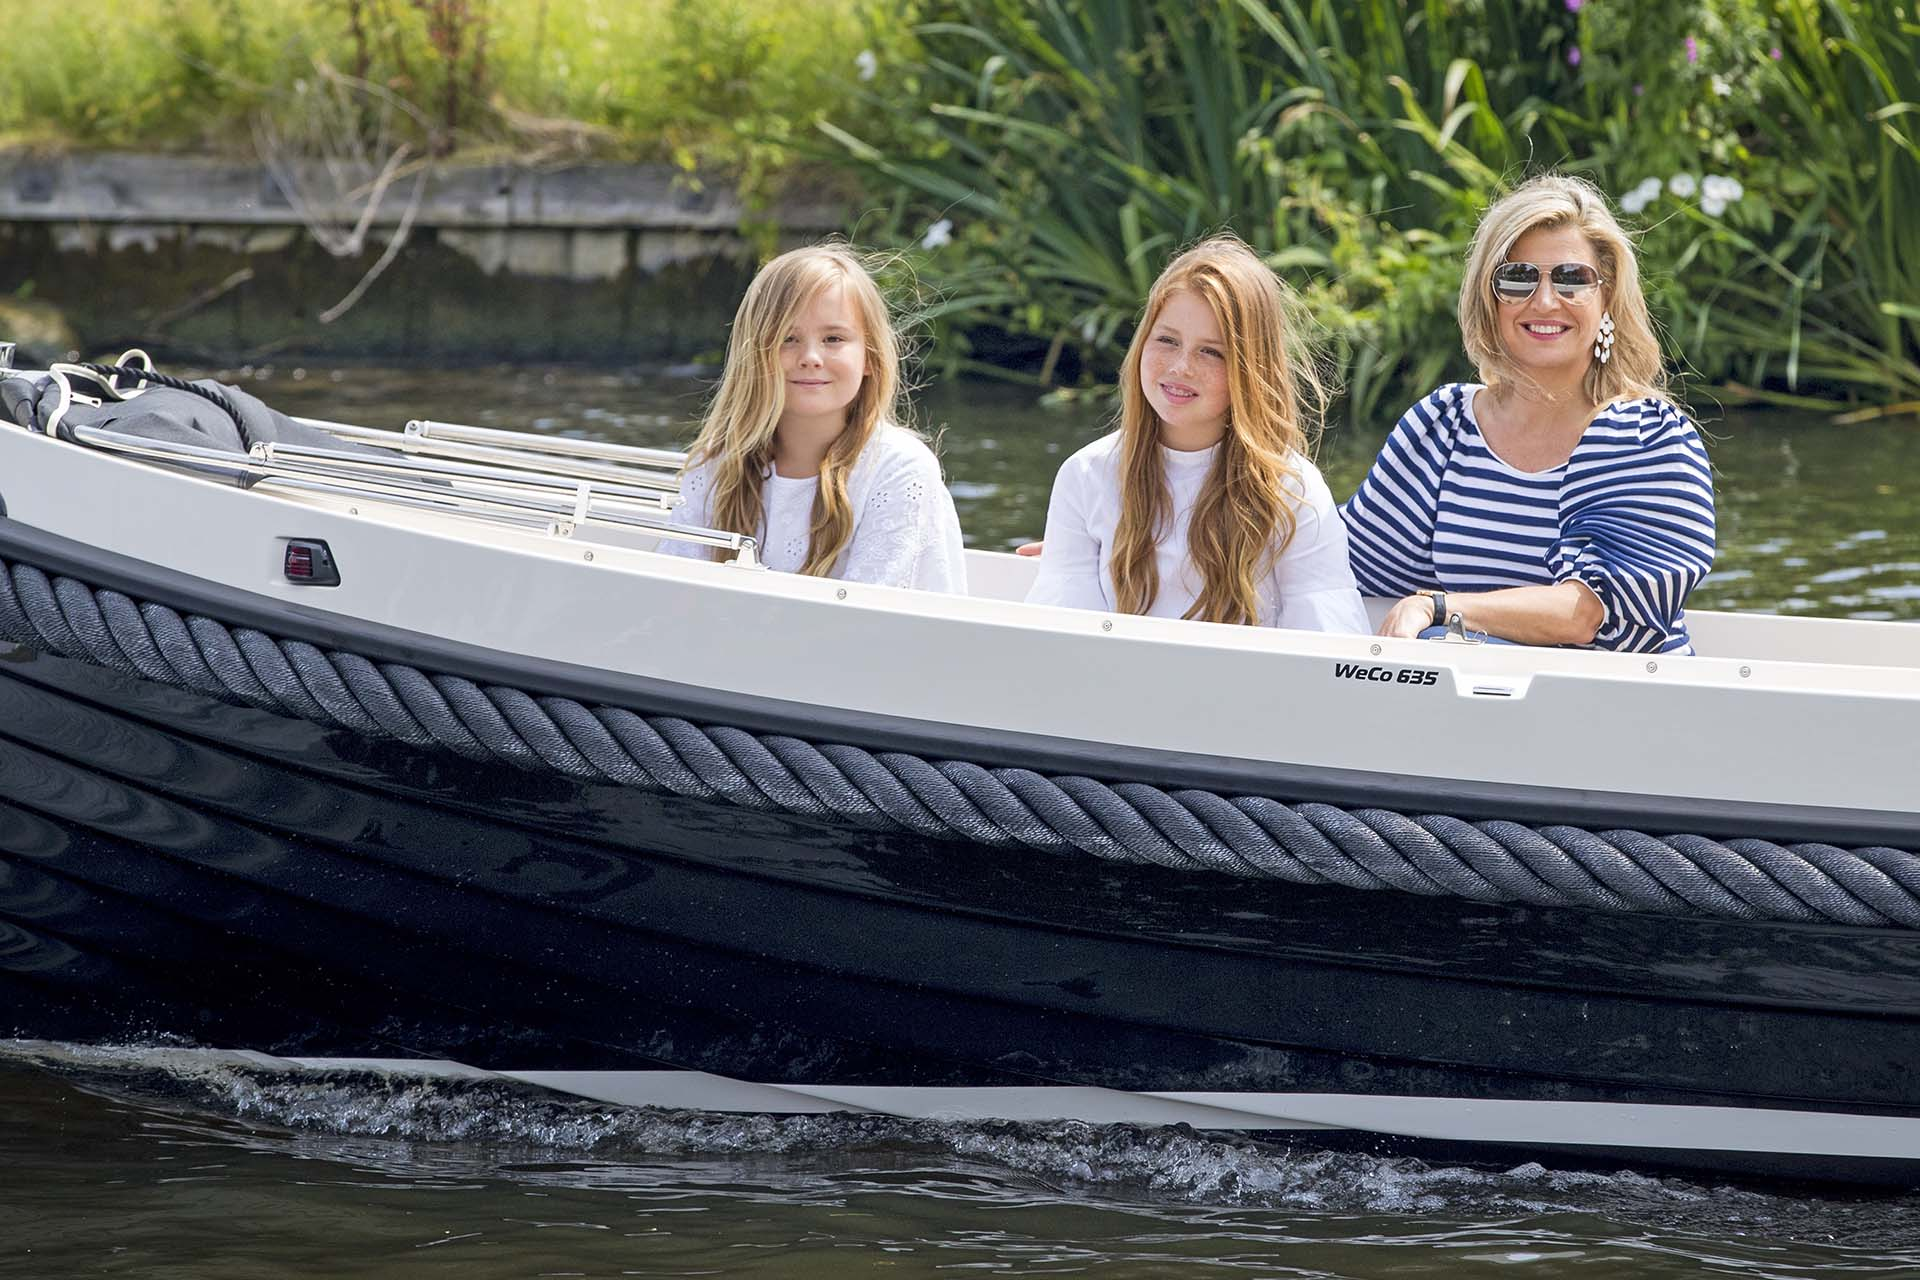 Máxima junto a las princesas Ariane y Alexia, listas para el descanso de verano que se extenderá desde el 17 de julio hasta el 23 de agosto